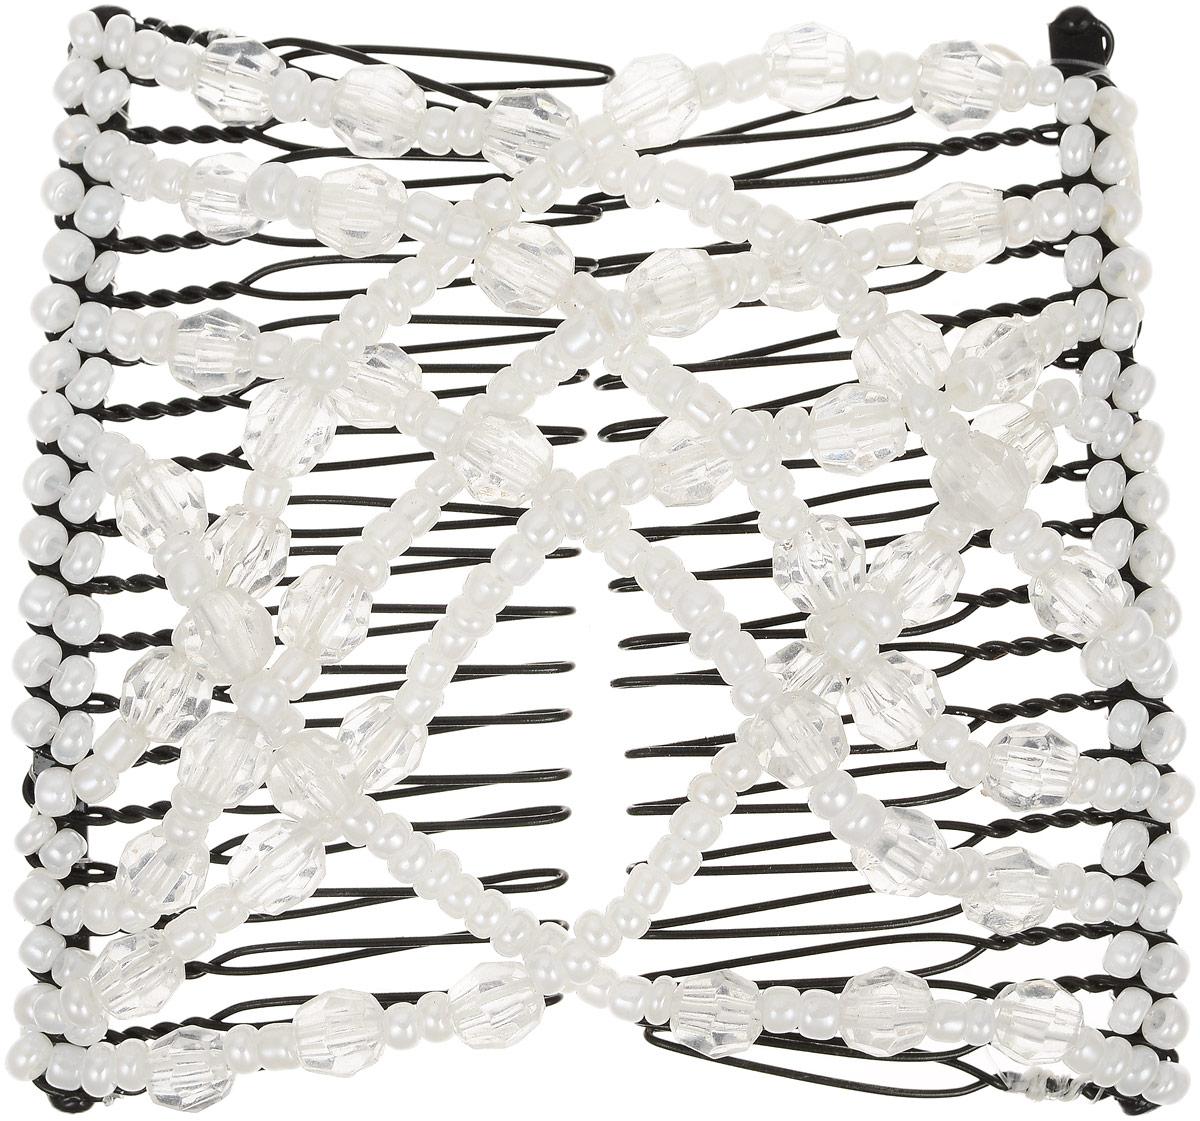 EZ-Combs Заколка Изи-Комбс, одинарная, цвет: белый, прозрачный. ЗИОЗИО_белый, прозрачныйУдобная и практичная EZ-Combs подходит для любого типа волос: тонких, жестких, вьющихся или прямых, и не наносит им никакого вреда. Заколка не мешает движениям головы и не создает дискомфорта, когда вы отдыхаете или управляете автомобилем. Каждый гребень имеет по 20 зубьев для надежной фиксации заколки на волосах! И даже во время бега и интенсивных тренировок в спортзале EZ-Combs не падает; она прочно фиксирует прическу, сохраняя укладку в первозданном виде.Небольшая и легкая заколка для волос EZ-Combs поместится в любой дамской сумочке, позволяя быстро и без особых усилий создавать неповторимые прически там, где вам это удобно. Гребень прекрасно сочетается с любой одеждой: будь это классический или спортивный стиль, завершая гармоничный облик современной леди. И неважно, какой образ жизни вы ведете, если у вас есть EZ-Combs, вы всегда будете выглядеть потрясающе.